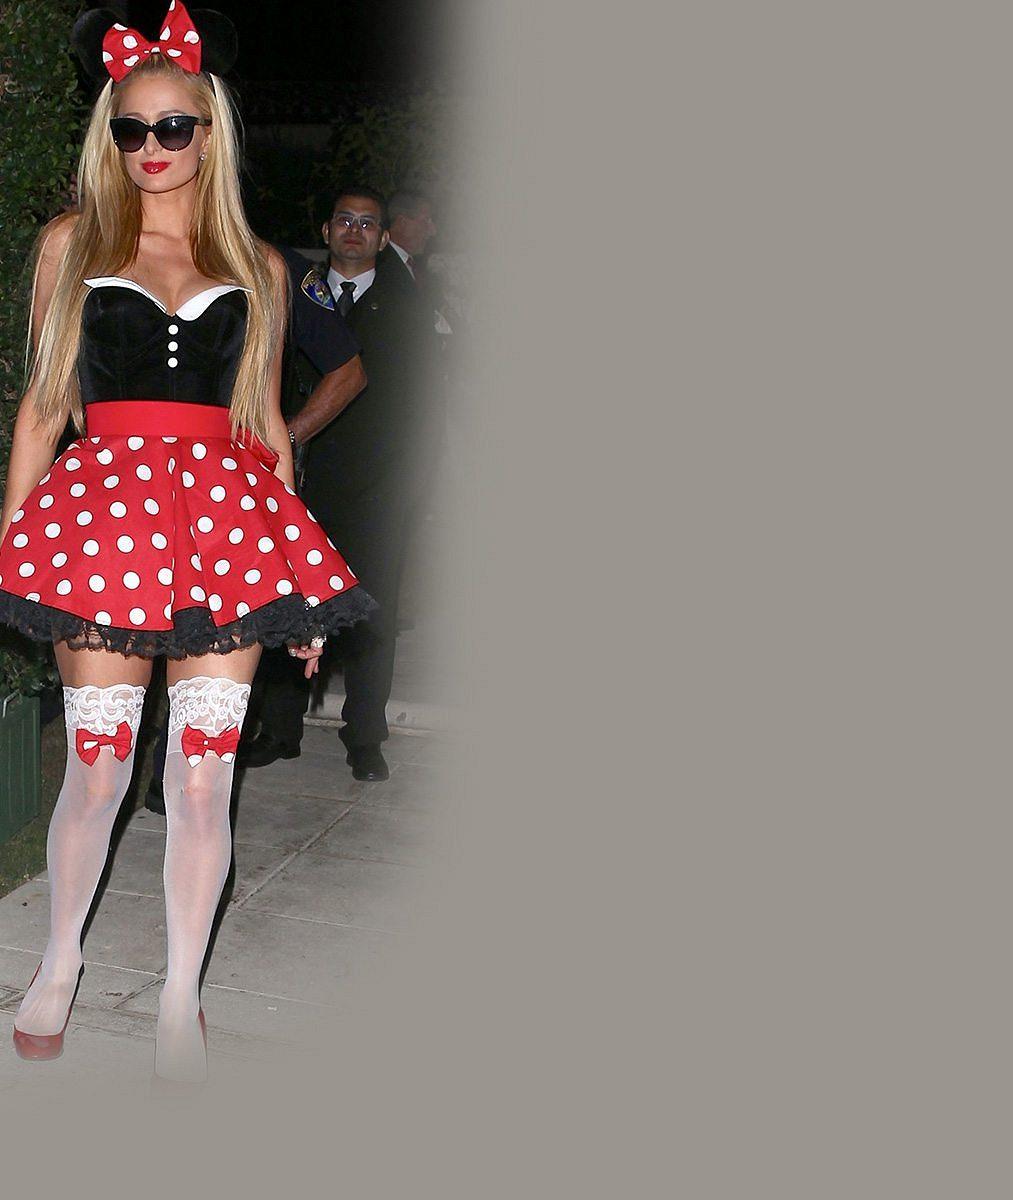 Roztomilý kostýmek Paris Hilton? Tak se podívejte, co měla na kalhotkách